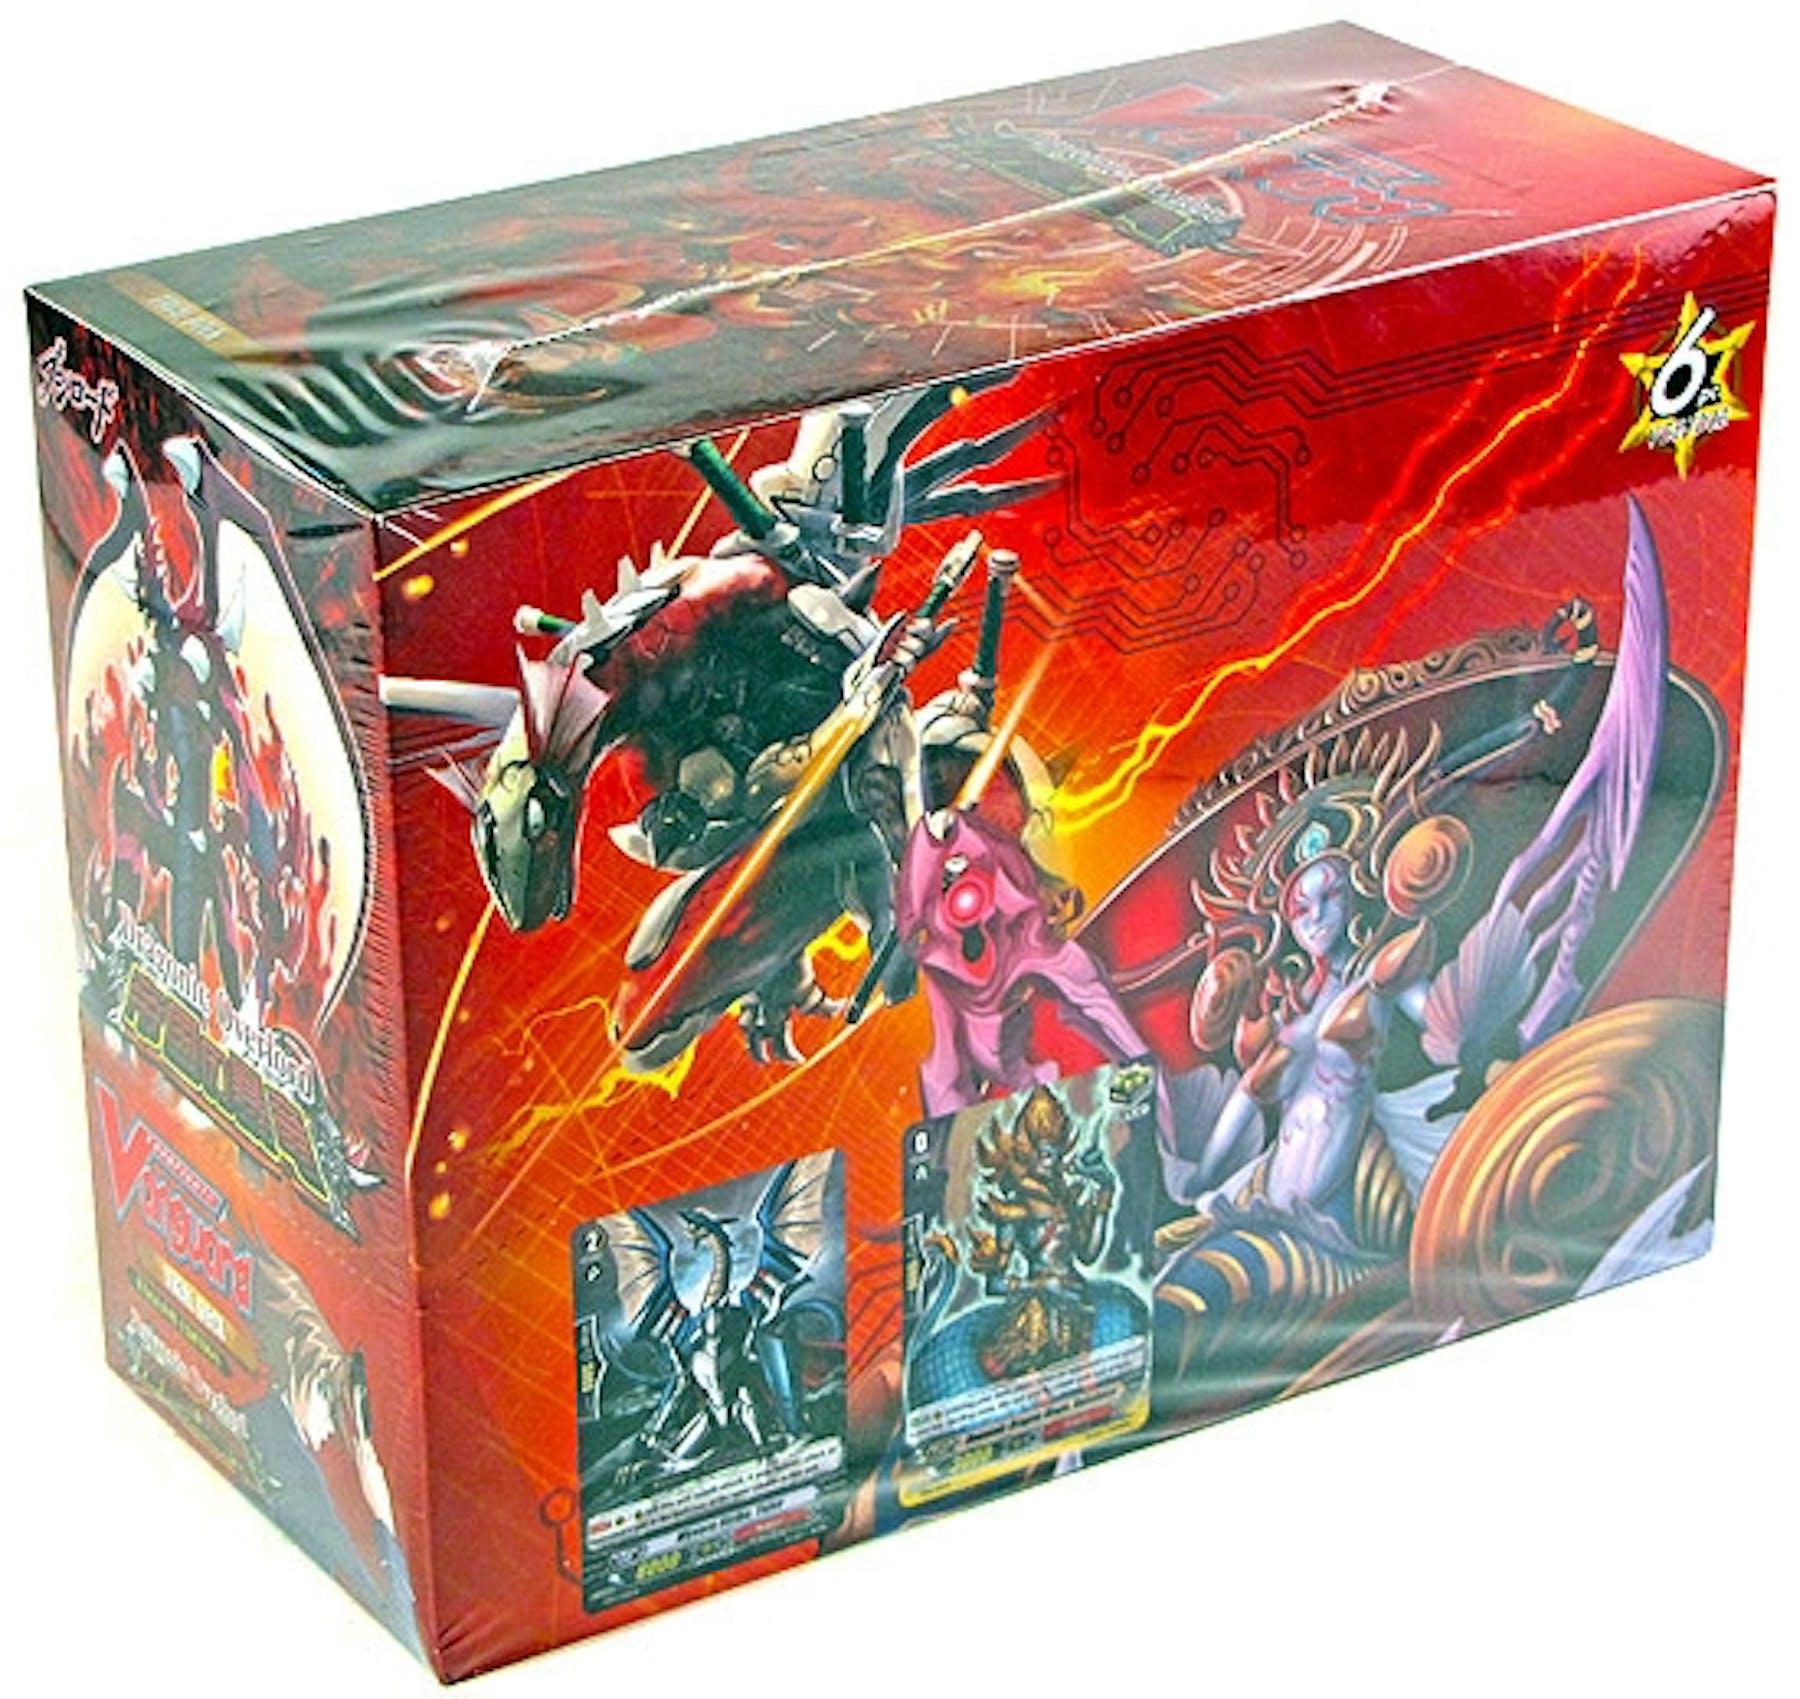 Cardfight Vanguard Dragonic Overlord Deck Box Da Card World